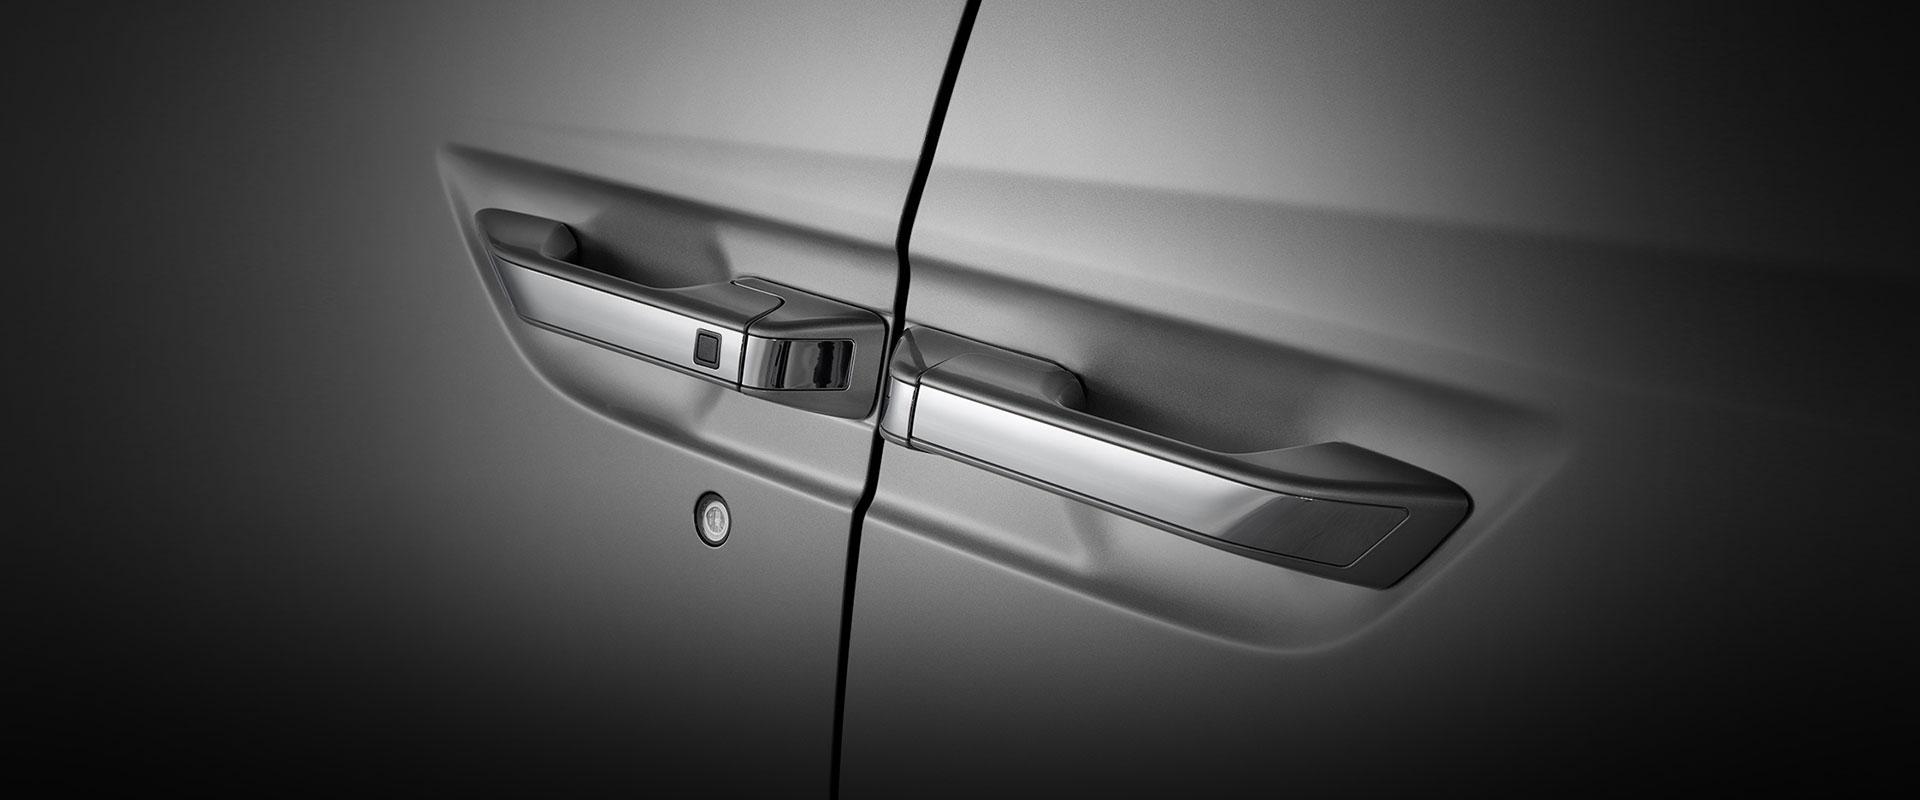 2017 Honda Odyssey door handles